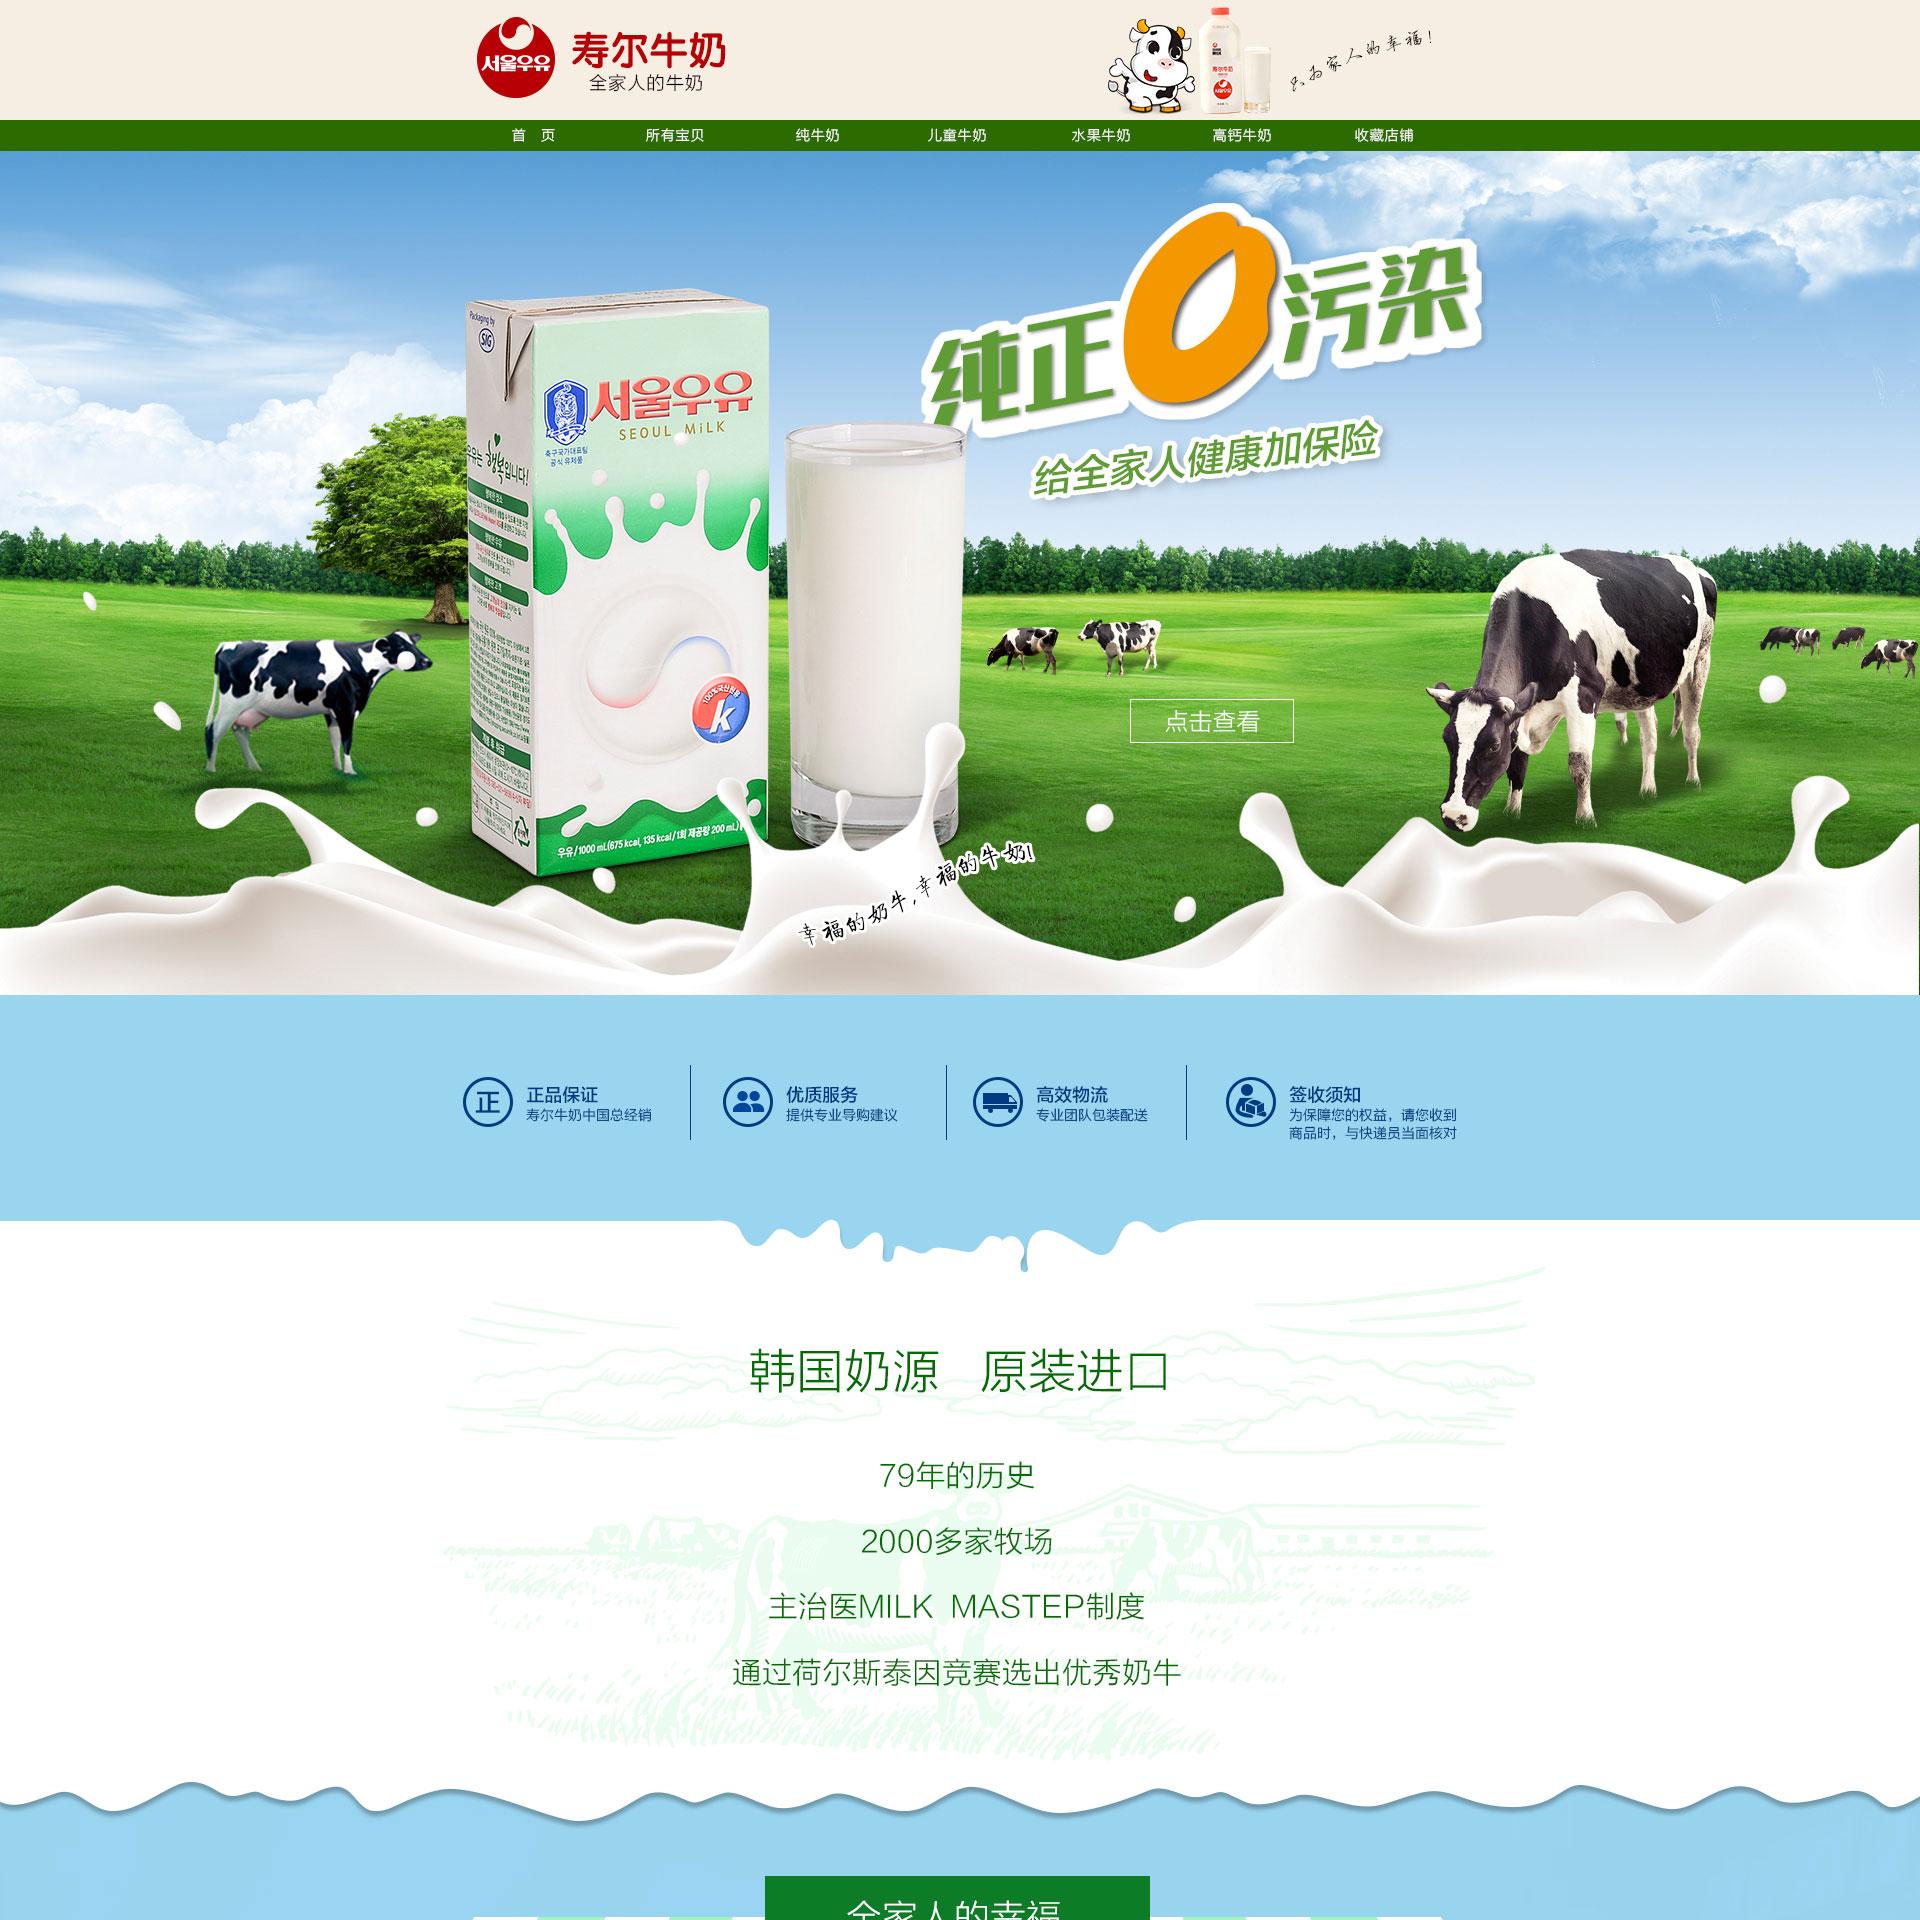 牛奶首页设计